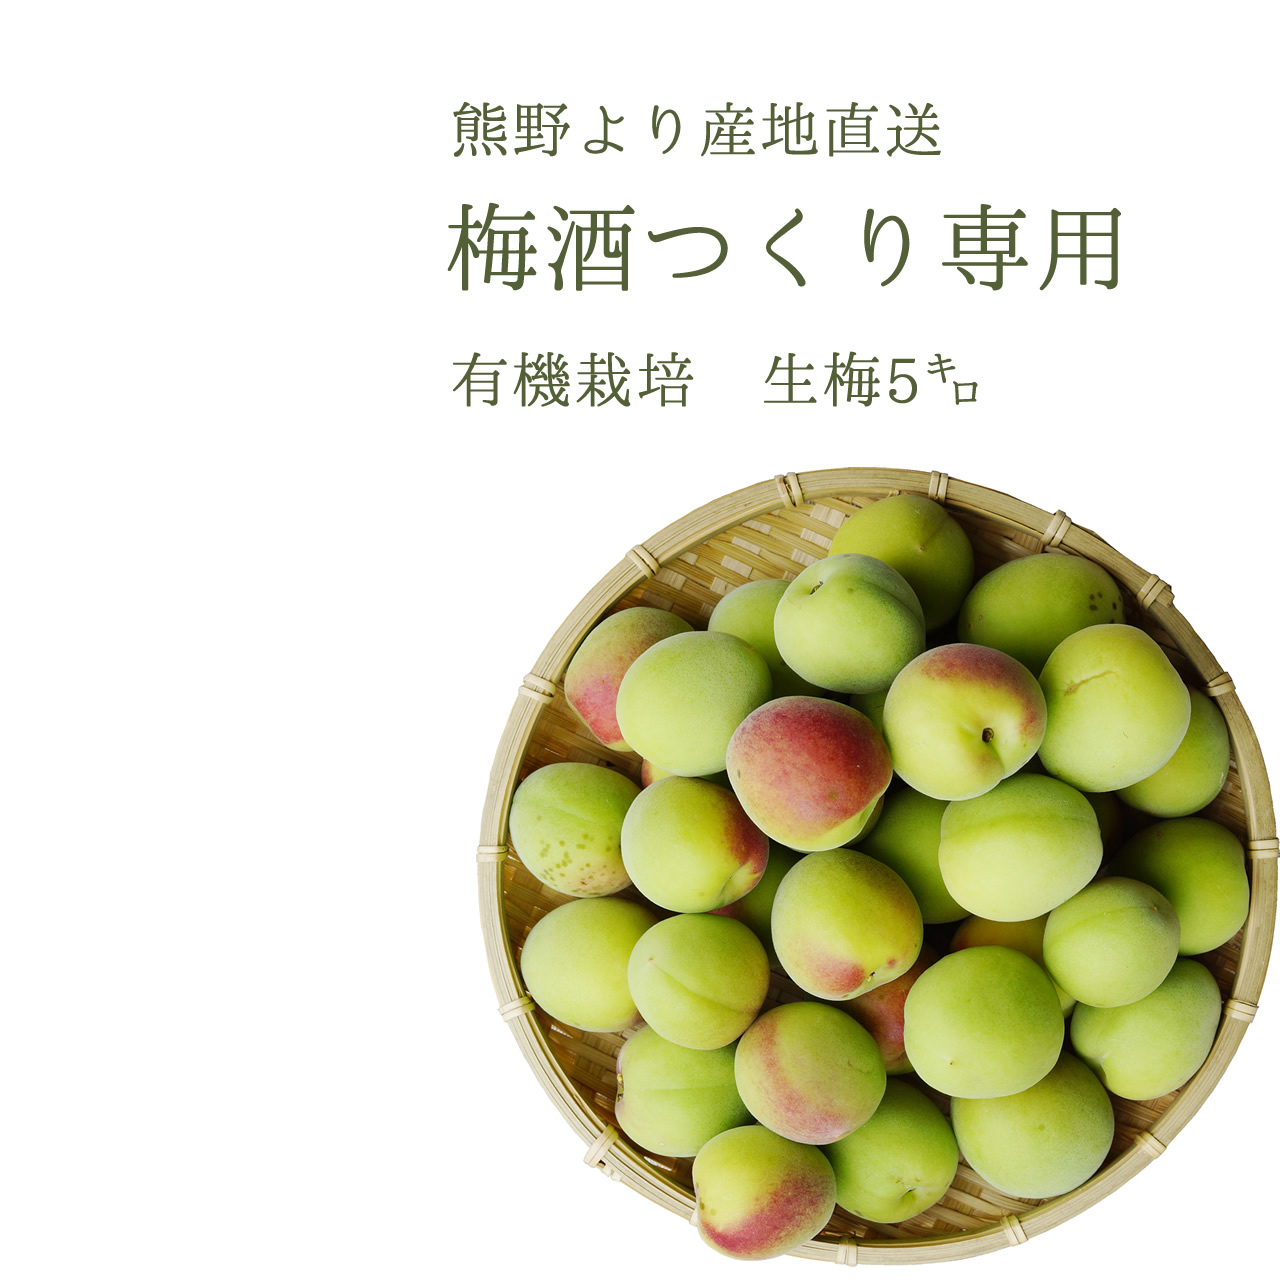 有機生梅,梅酒作り専用の生梅